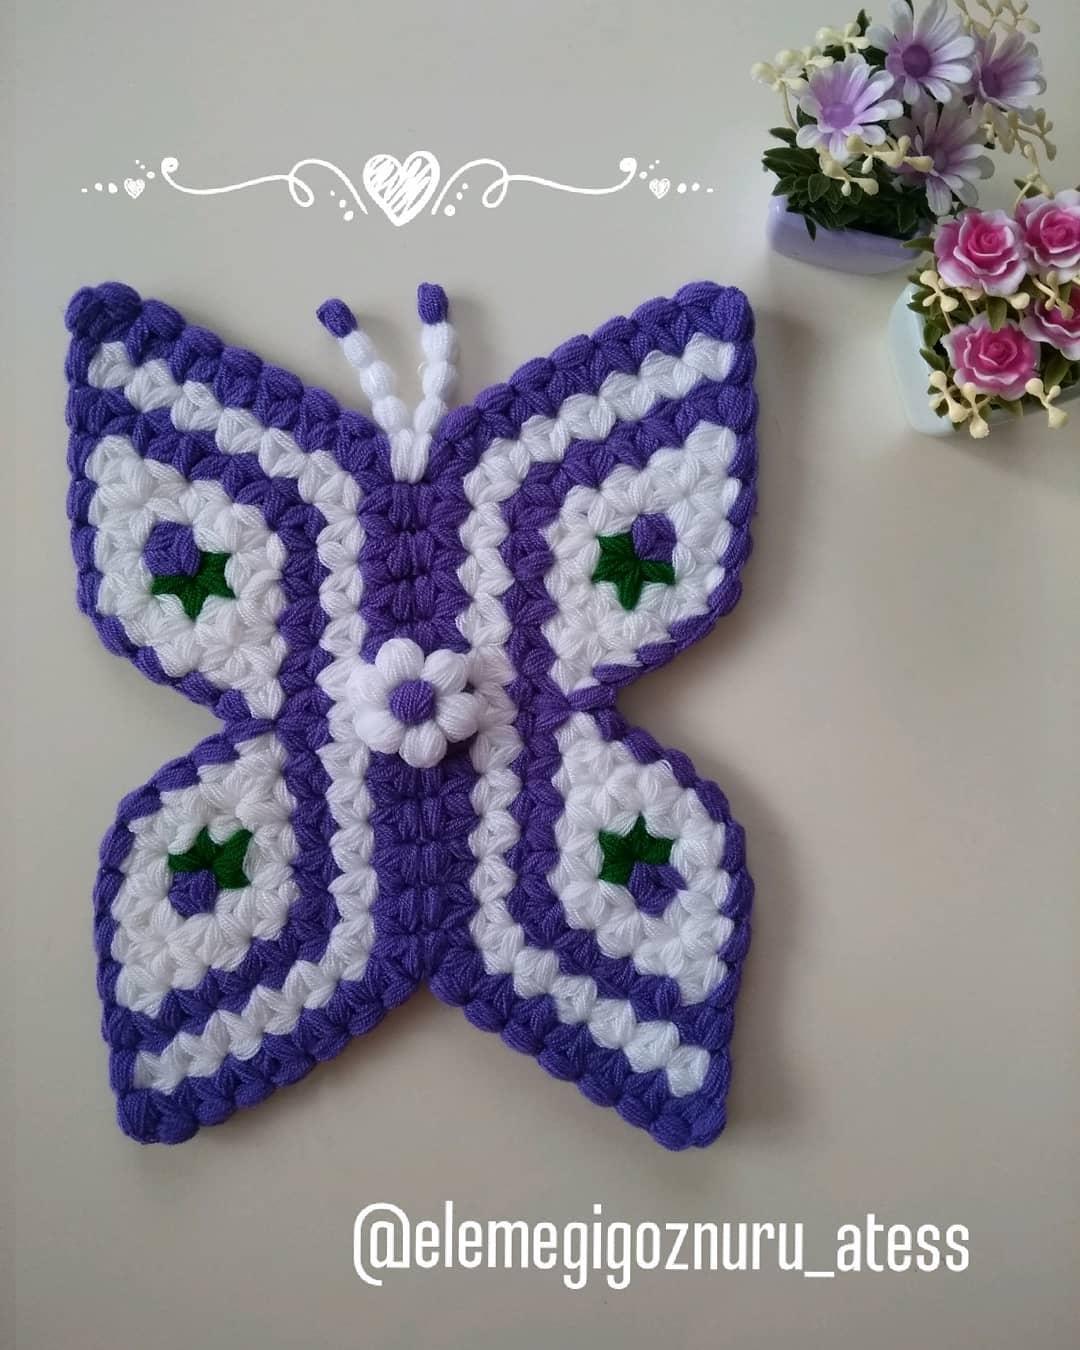 Kelebek Lif Modeli Yapımı